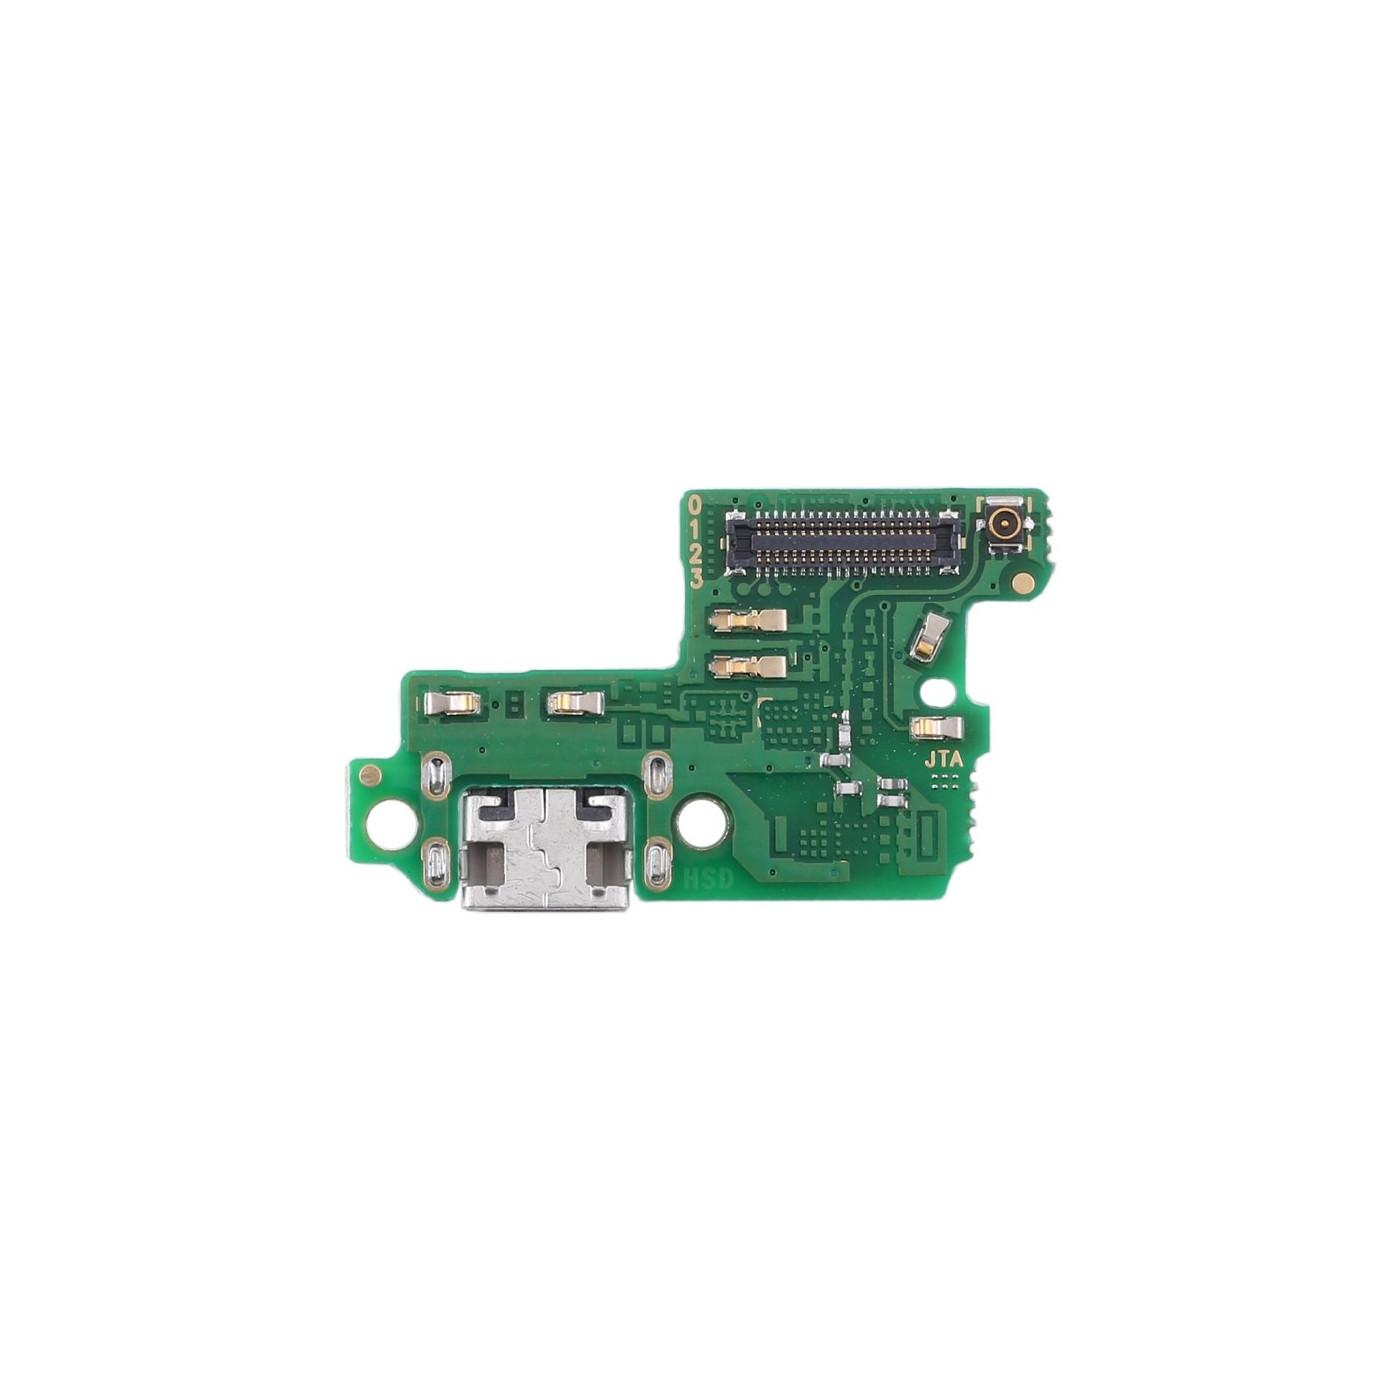 Connecteur de charge plat pour HUAWEI P10 lite charge